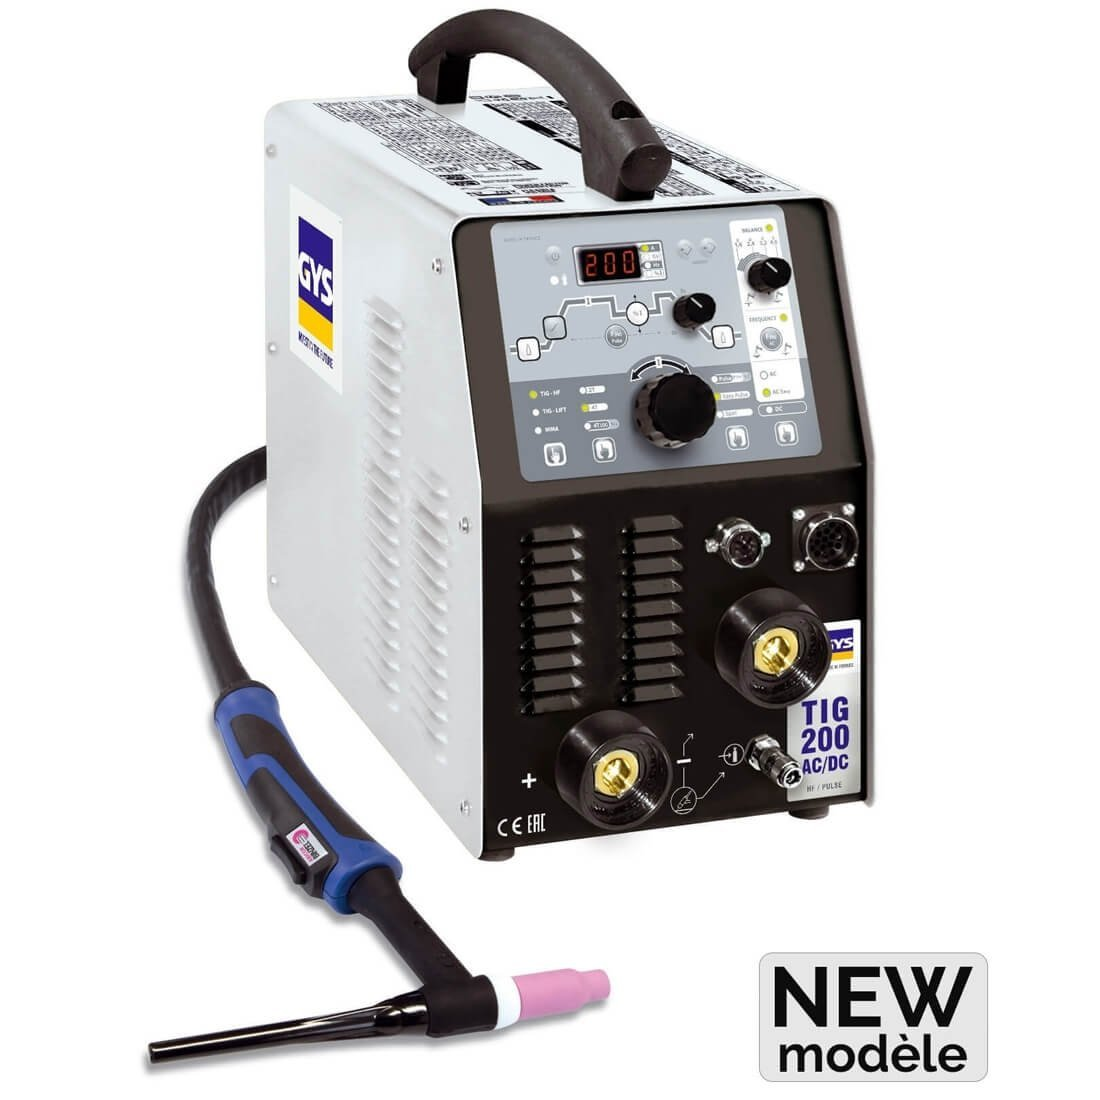 Poste de soudure TIG 200 AC/DC avec accessoires - GYS